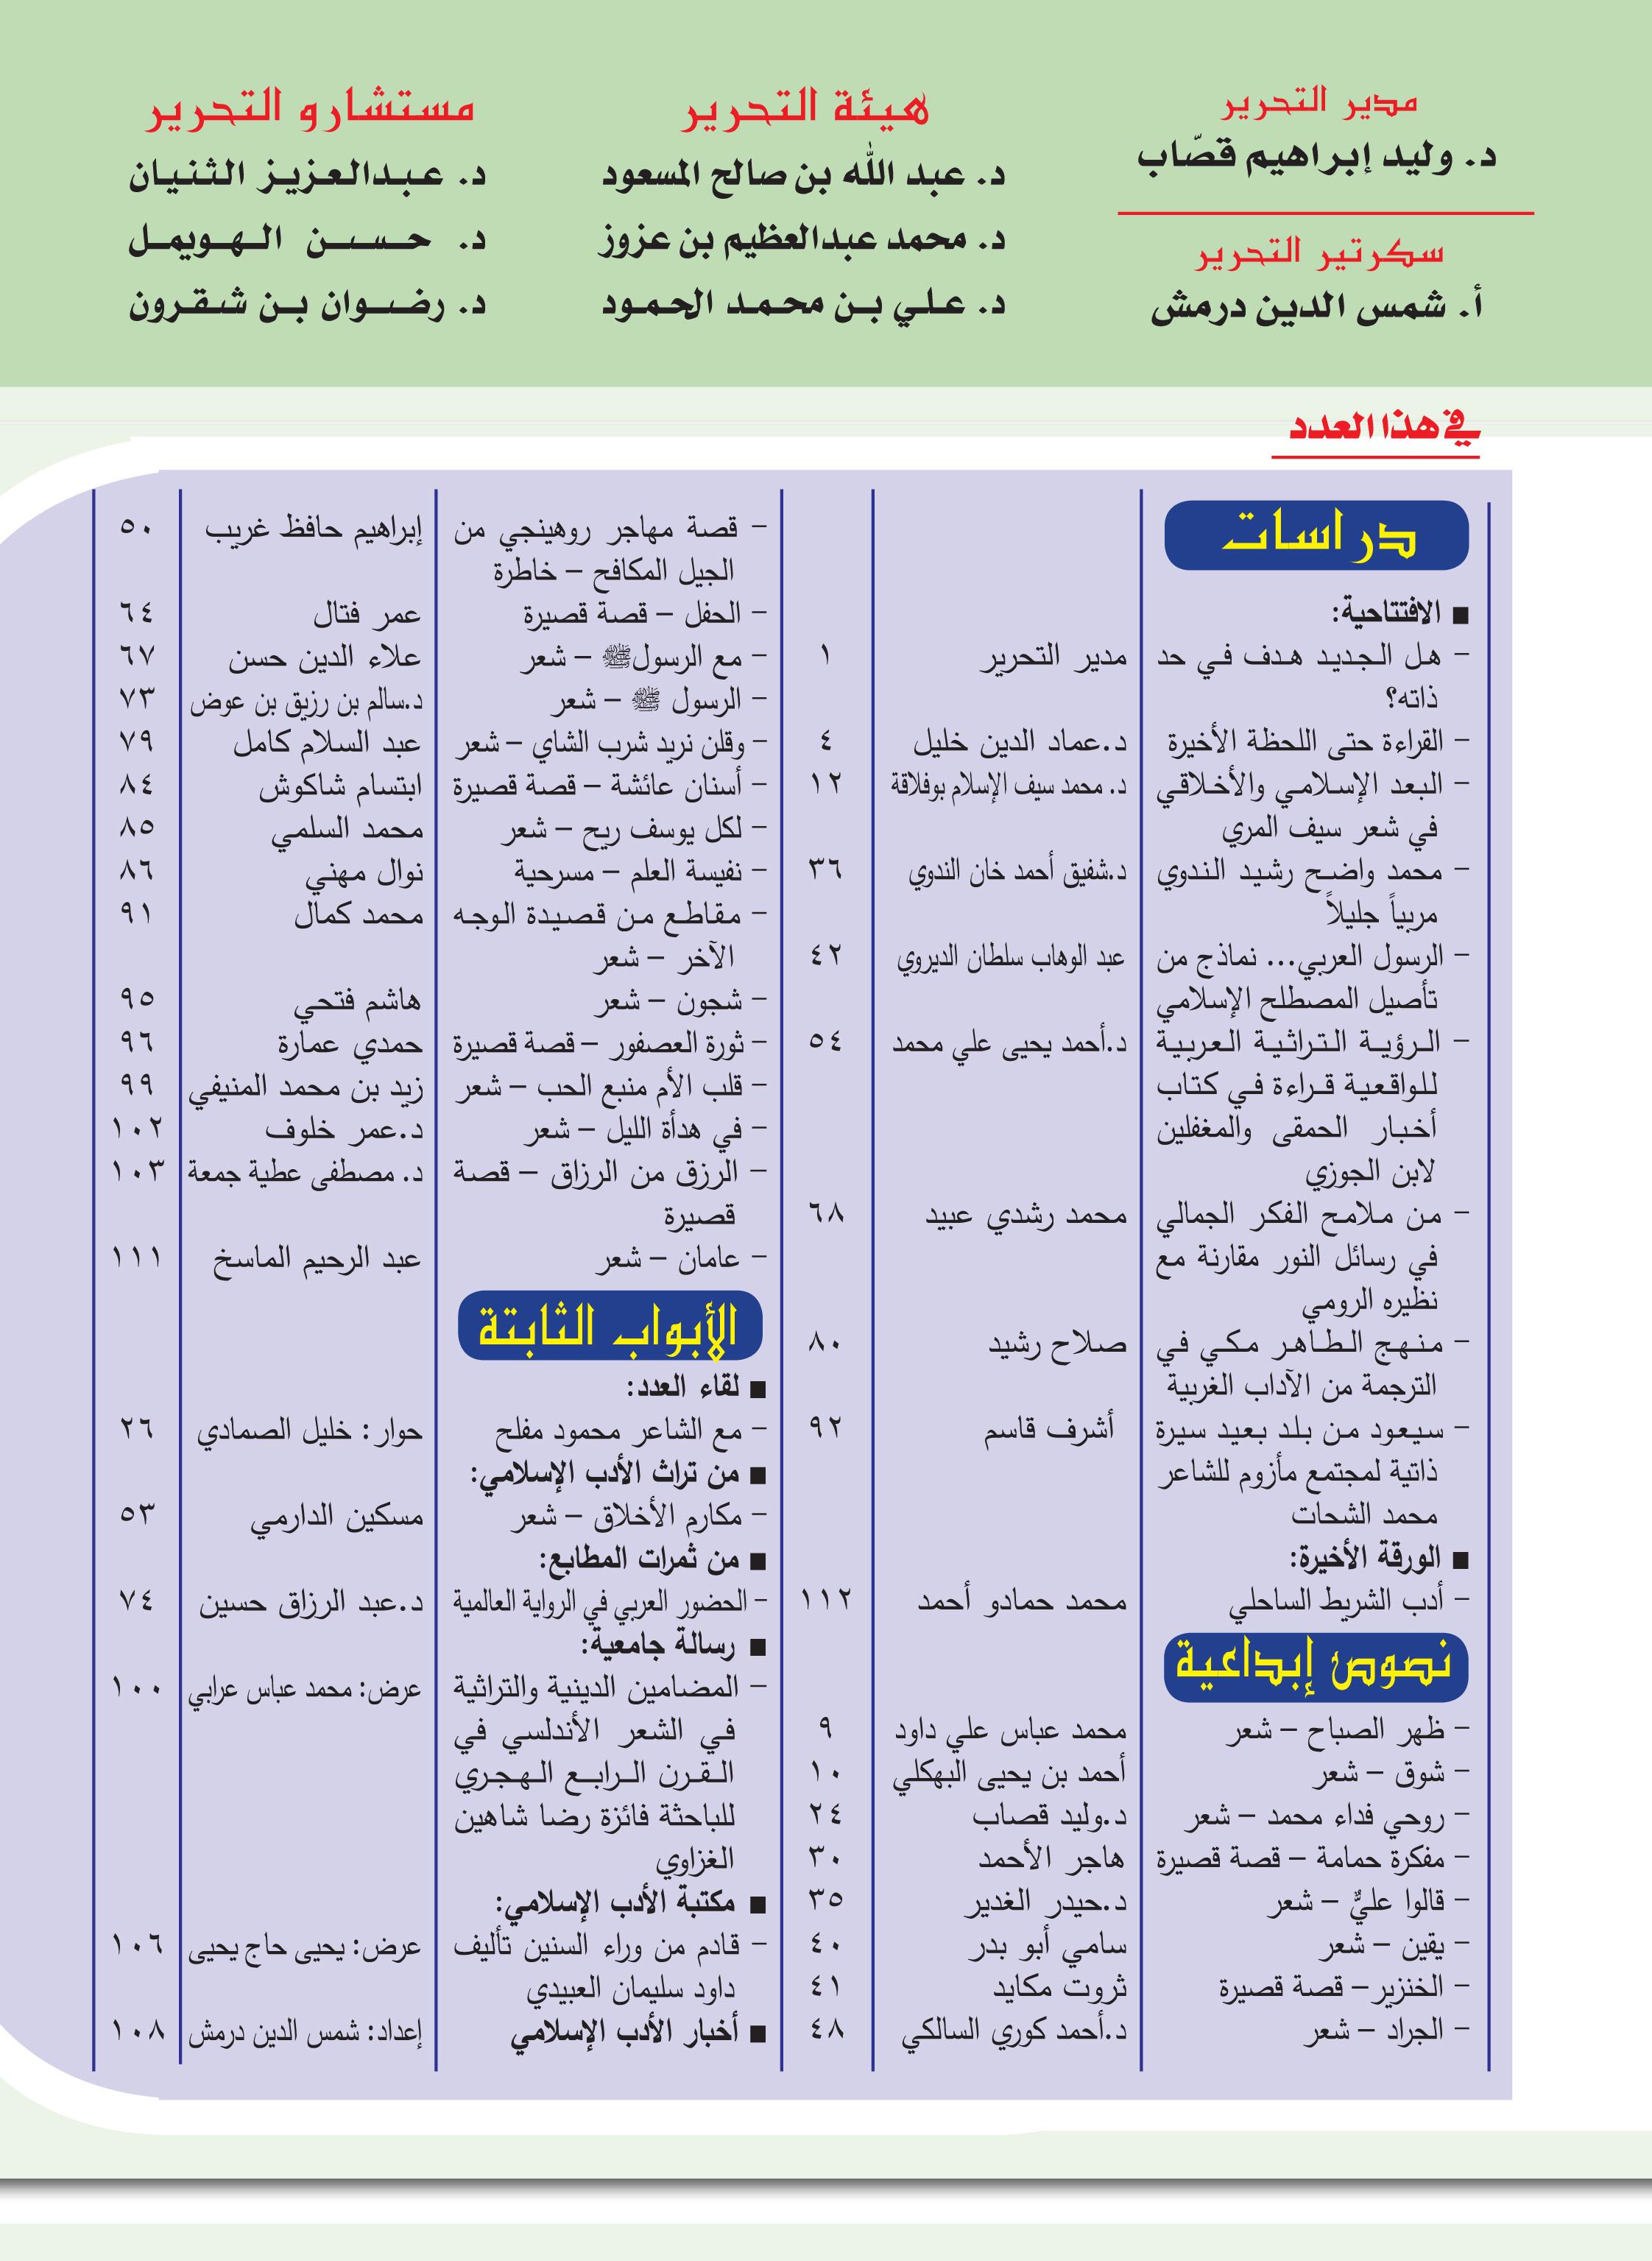 العدد 109 مجلة الأدب الإسلامي